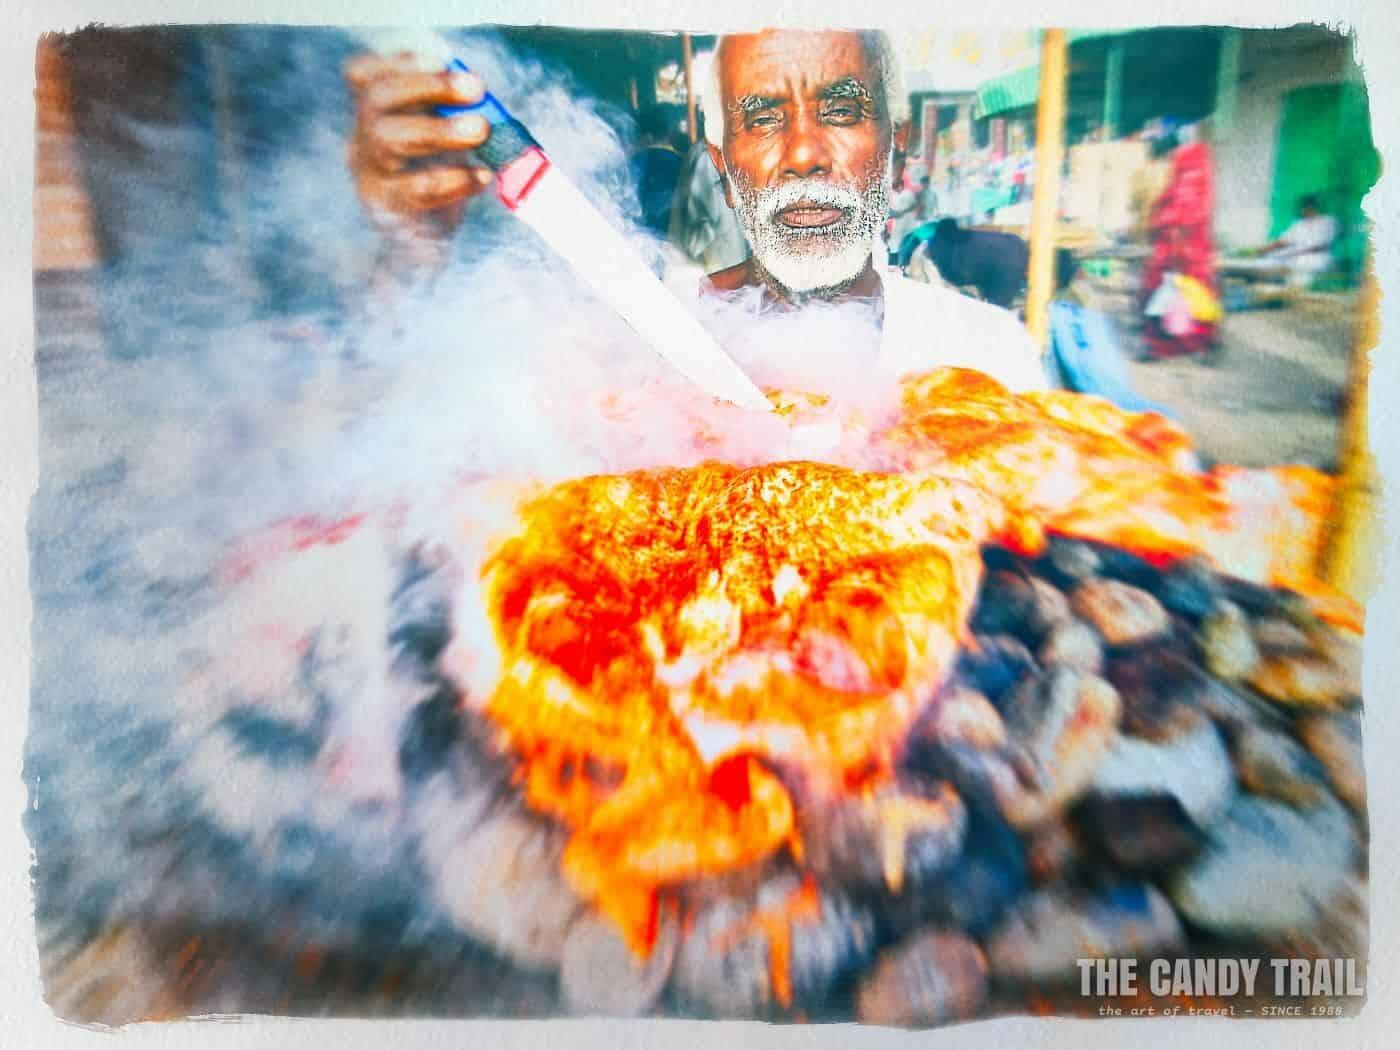 bbq chicken vendor kassala market sudan